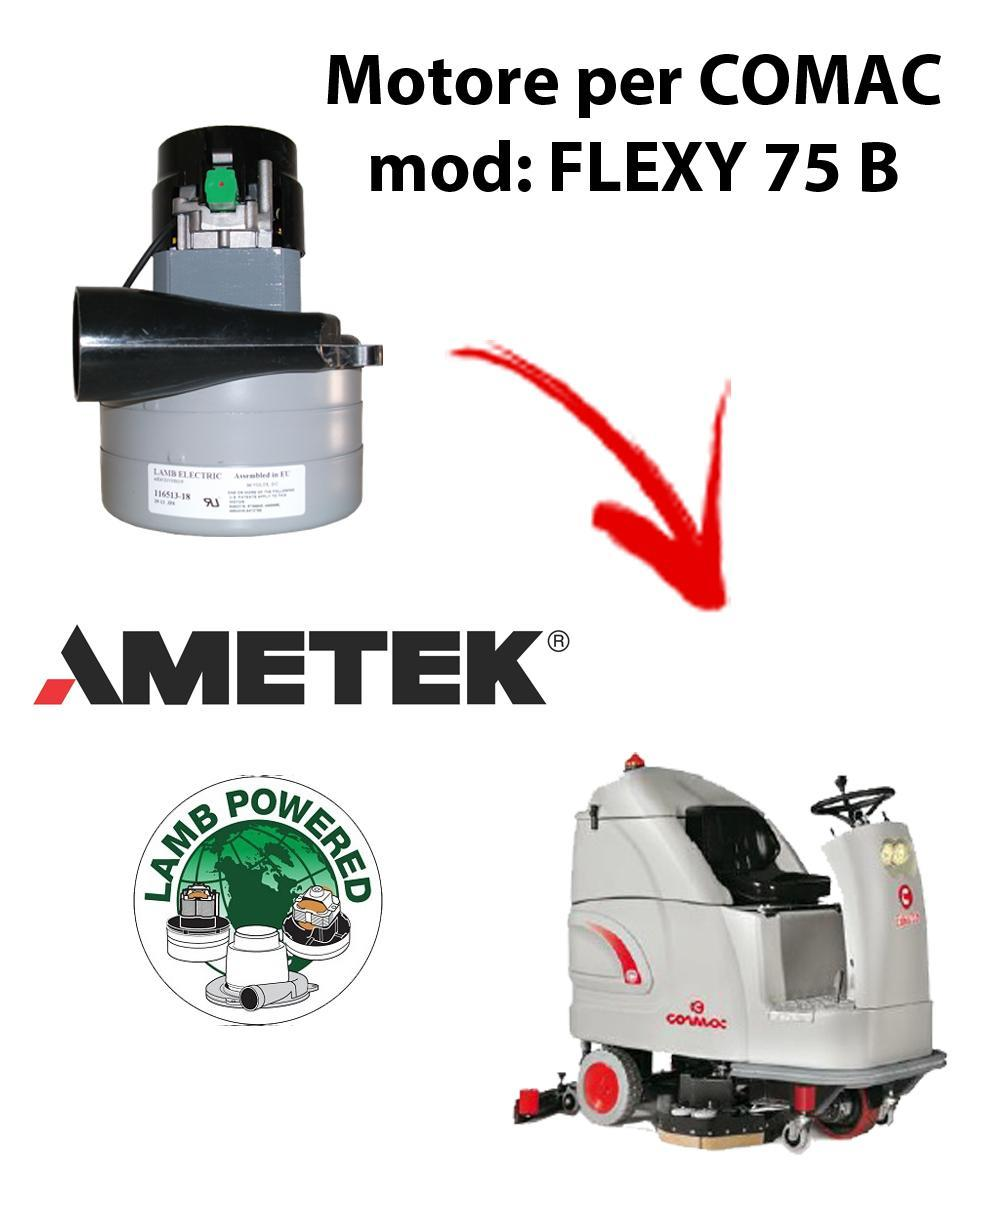 FLEXY 75 B Motore de aspiración AMETEK para fregadora Comac